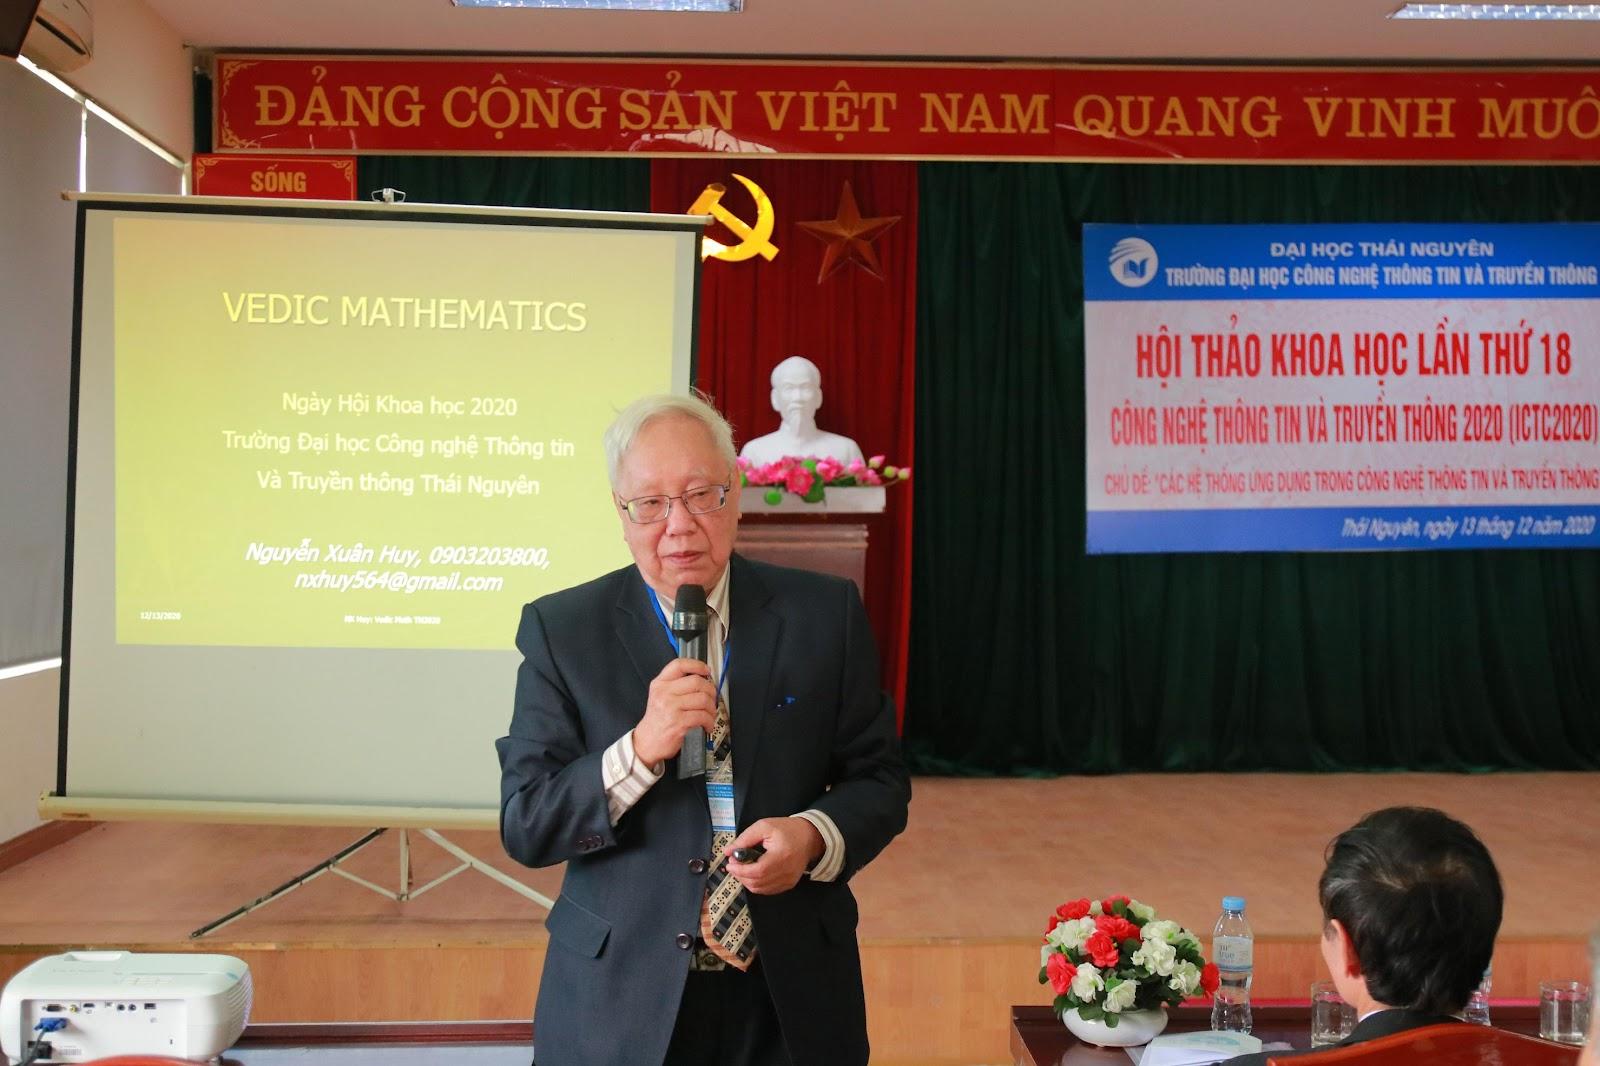 PGS.TSKH Nguyễn Xuân Huy trình bày báo cáo tại Hội thảo